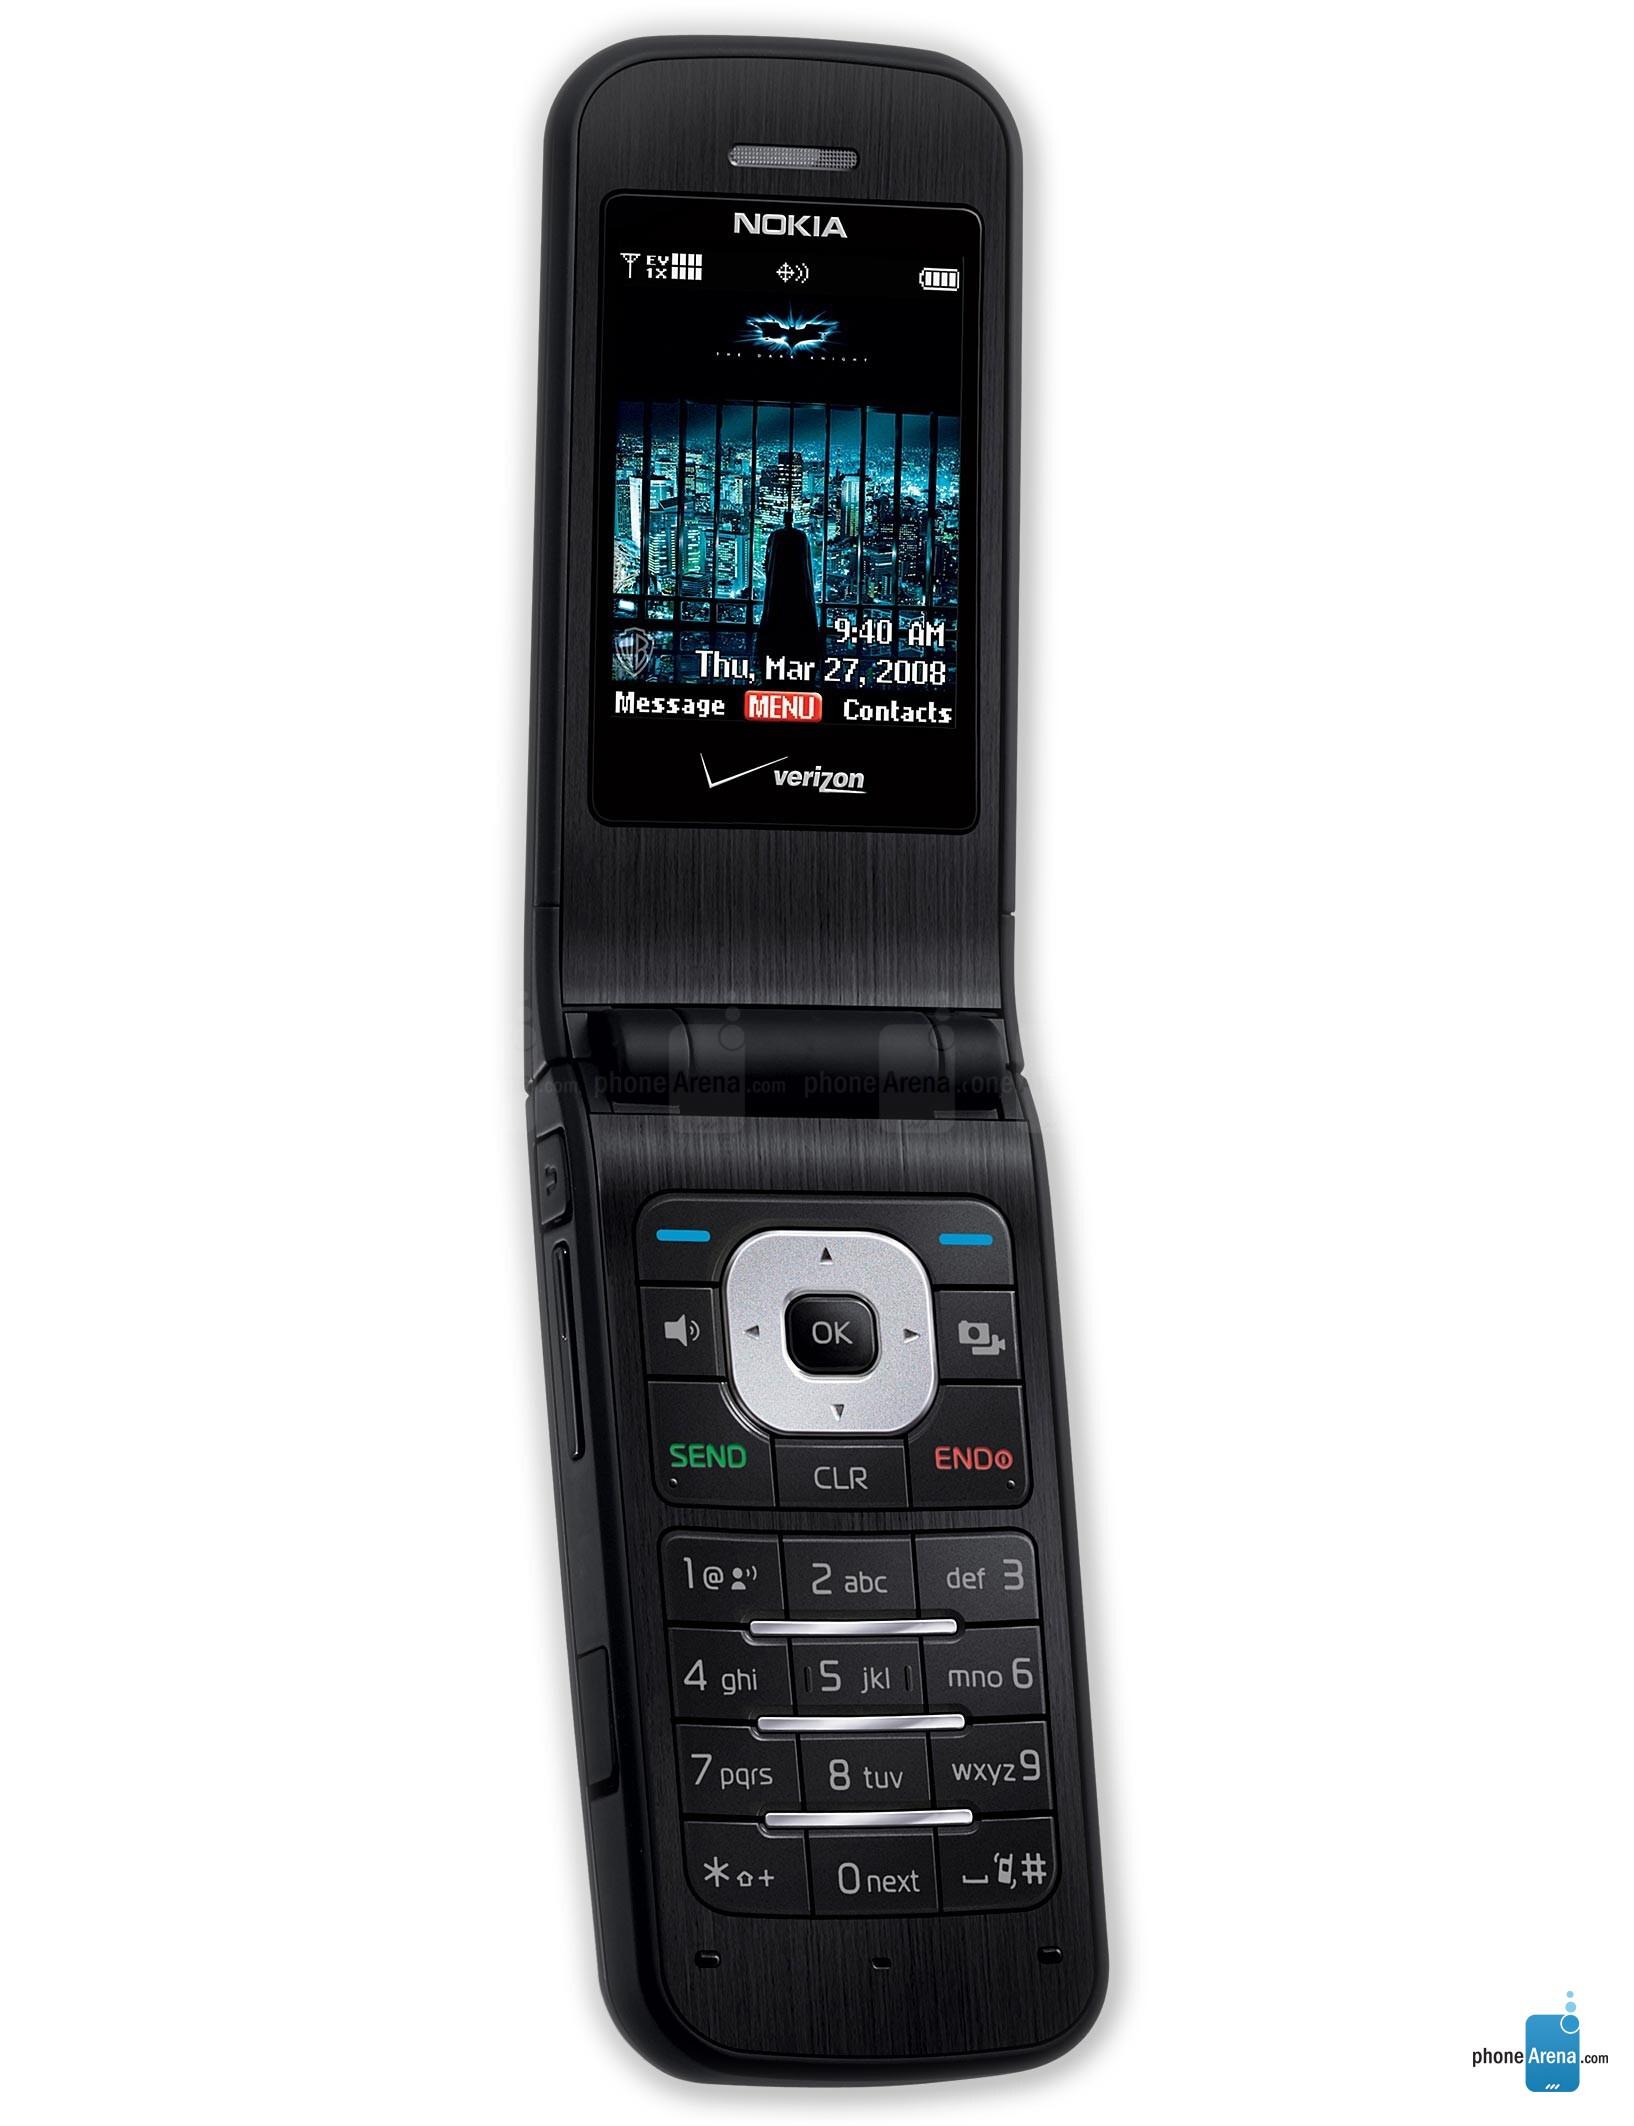 nokia 6205 photos rh phonearena com Nokia 6500 Nokia 6205 Battery